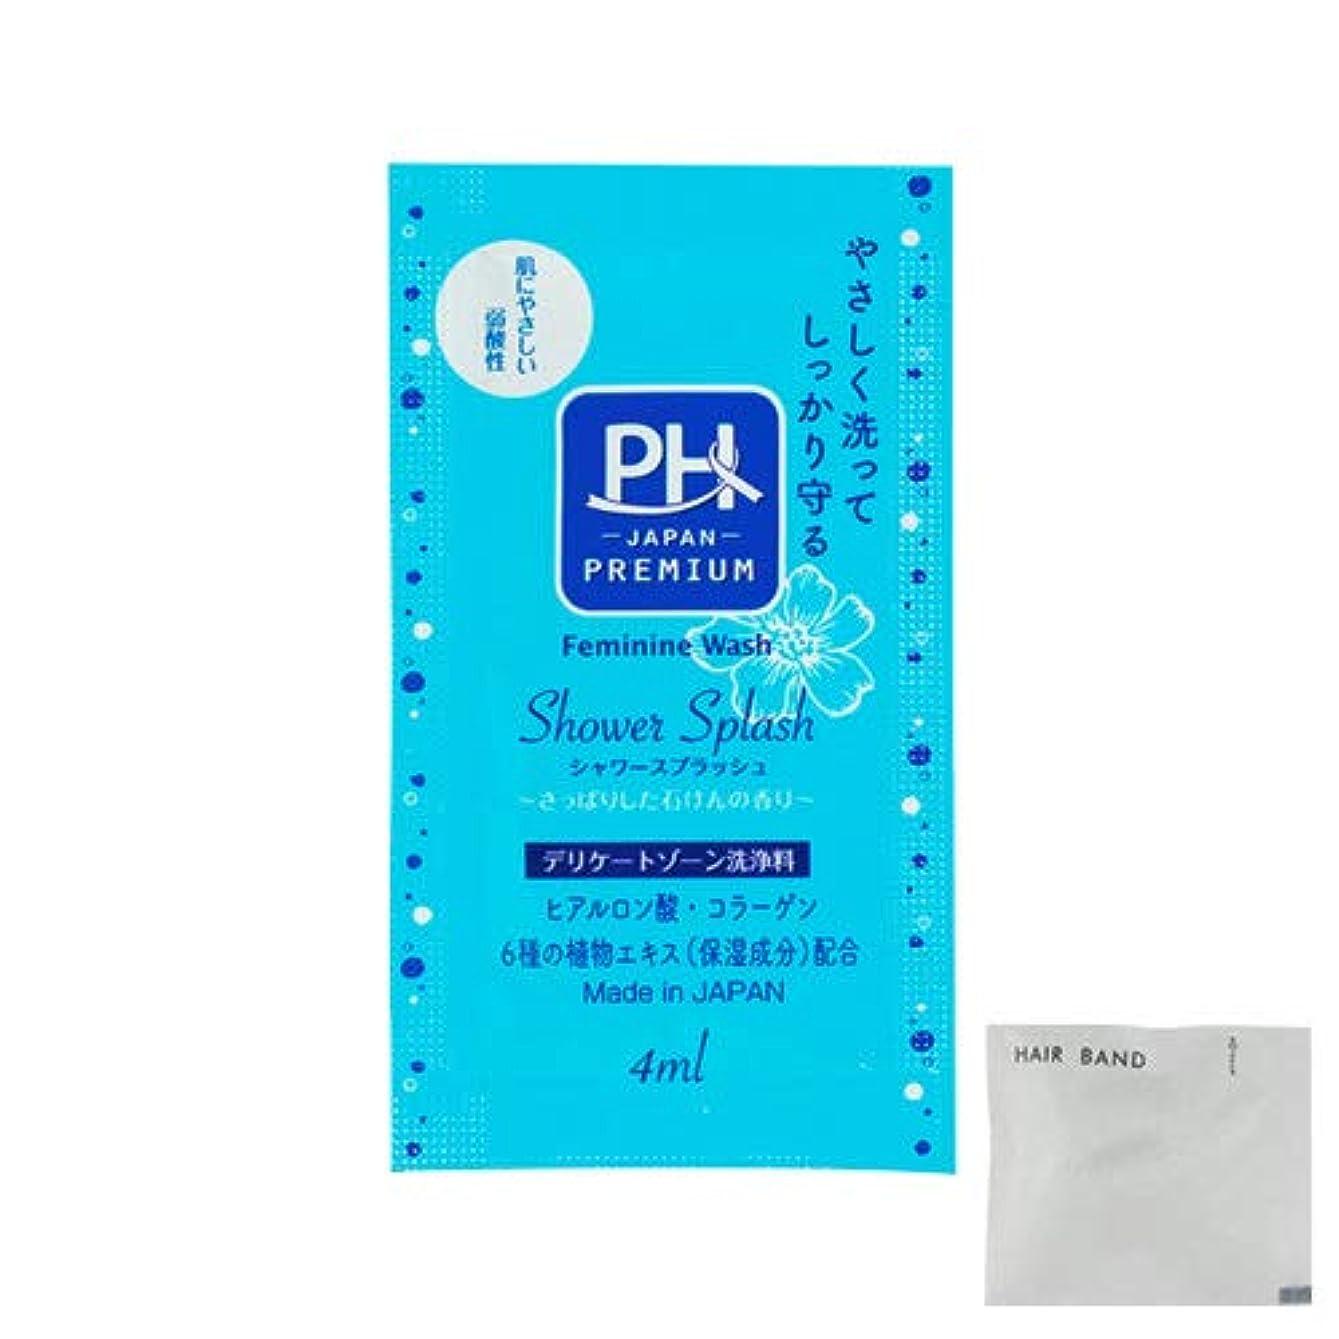 始めるカウボーイ熟したPH JAPAN プレミアム フェミニンウォッシュ シャワースプラッシュ 4mL(お試し用)×10個 + ヘアゴム(カラーはおまかせ)セット